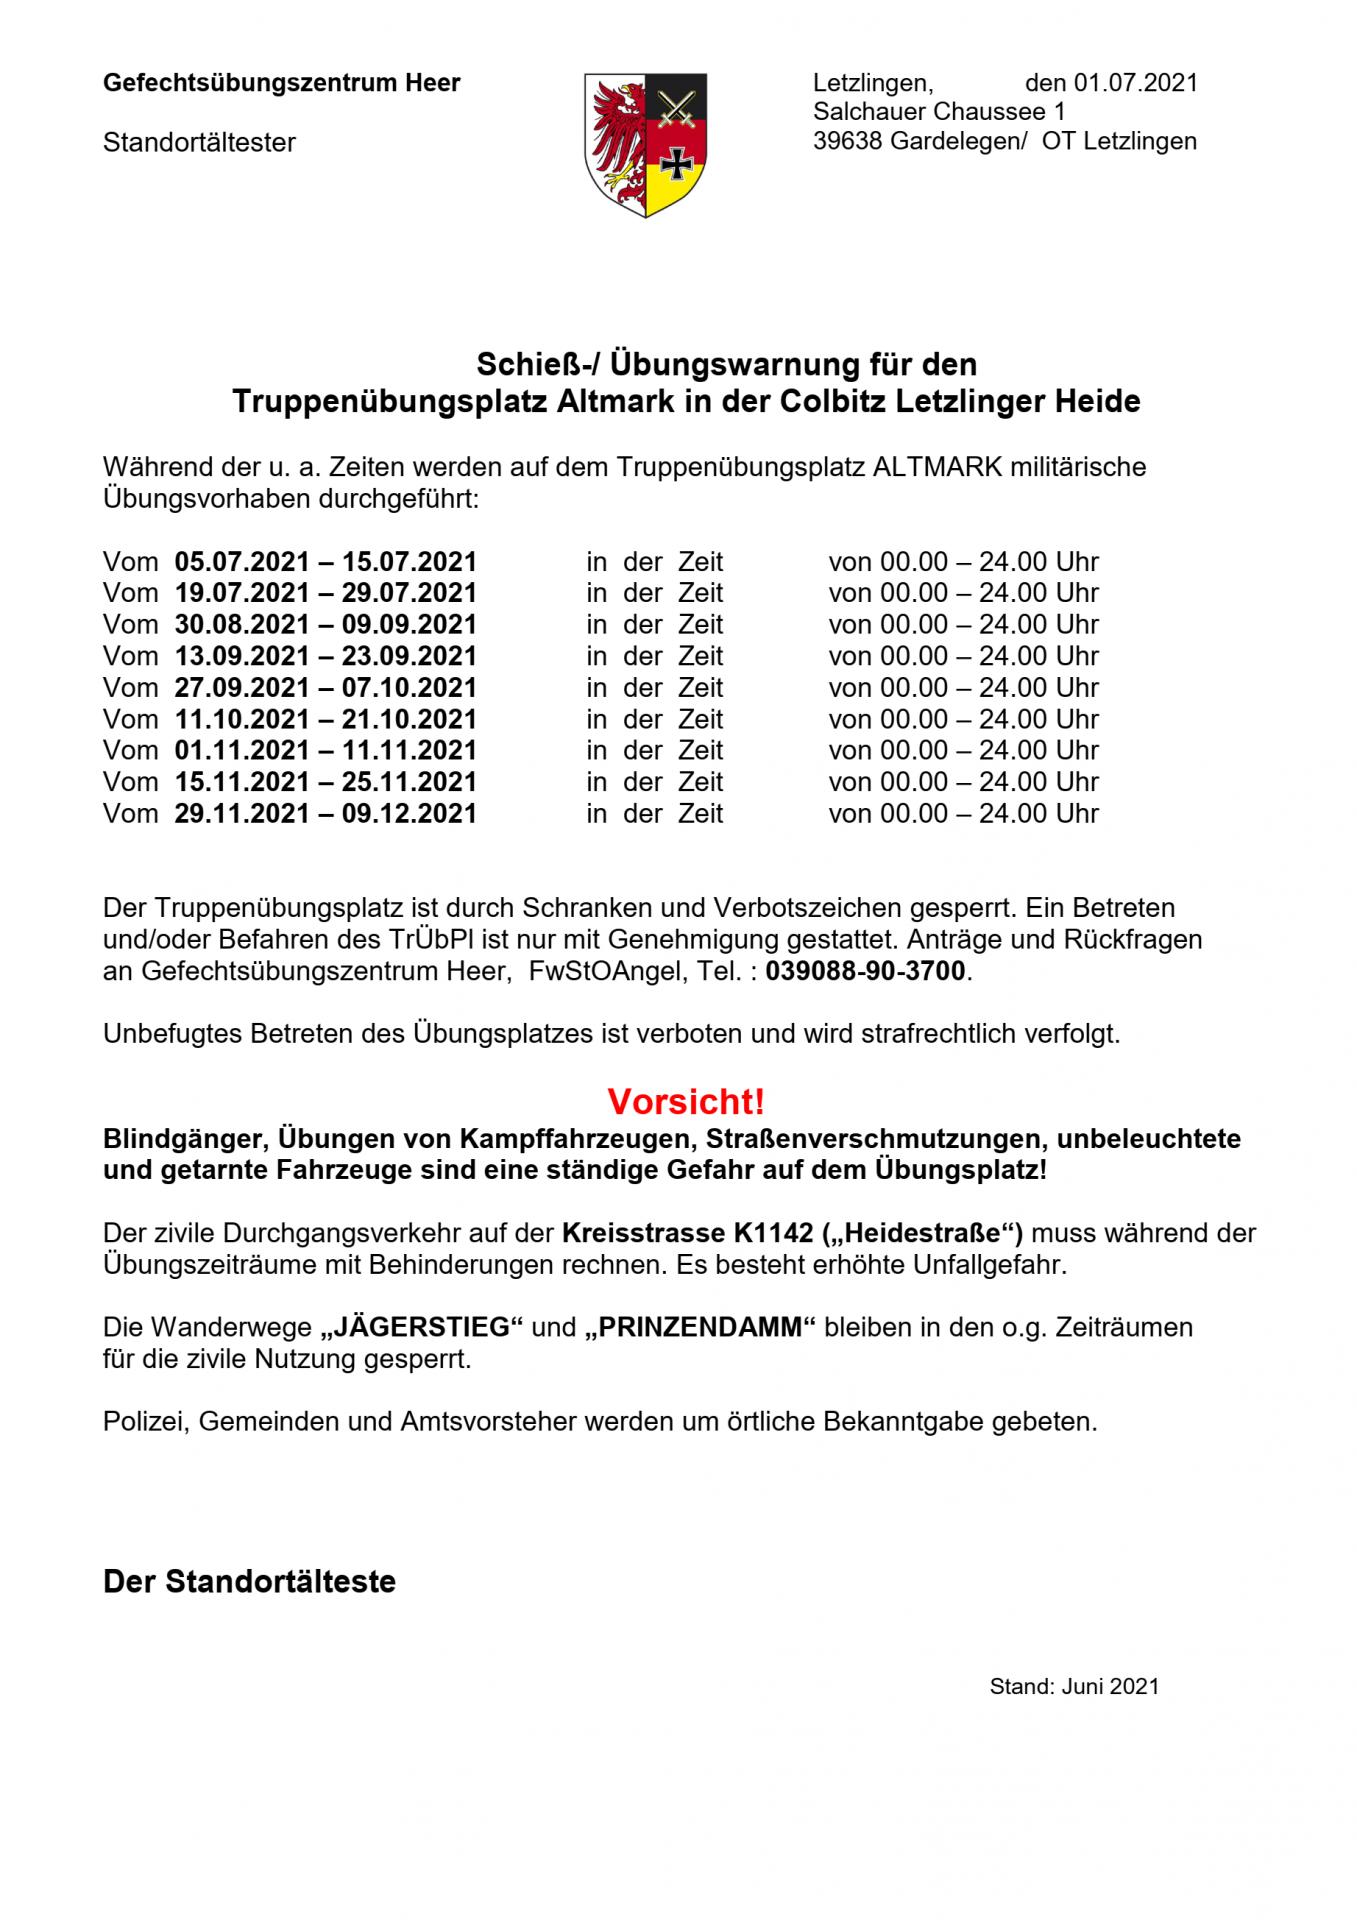 Schieß-/ Übungswarnung für den Truppenübungsplatz Altmark in der Colbitz Letzlinger Heide